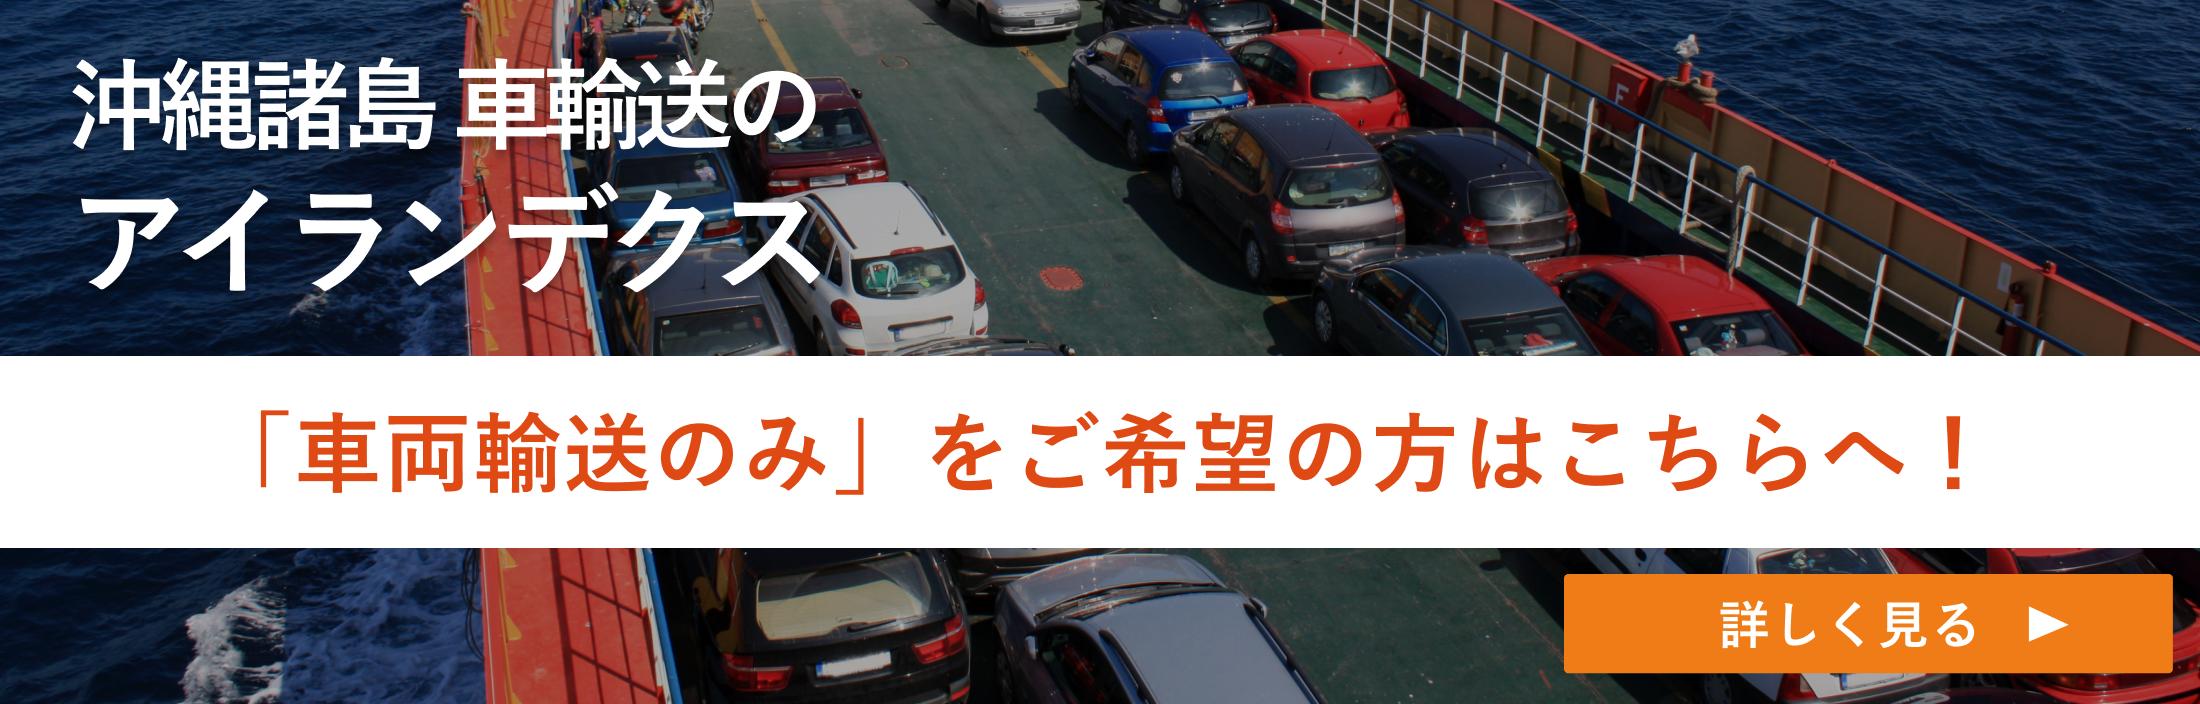 「車両輸送のみ」をご希望の方はこちらへ!